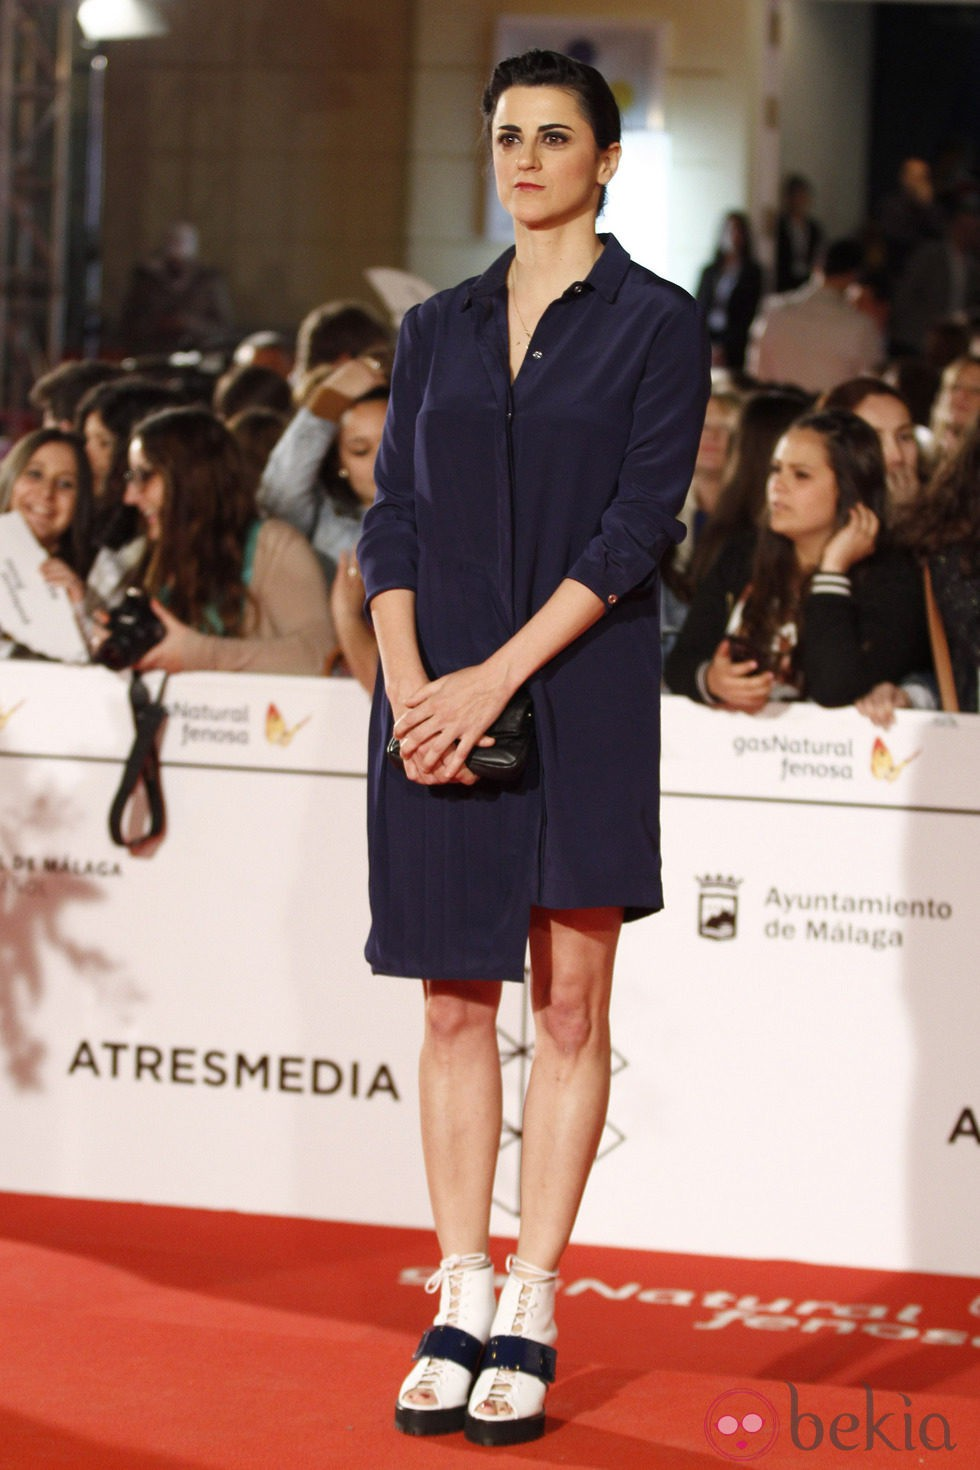 Beatriz Sanchís en el estreno de 'Todos están muertos' en el Festival de Málaga 2014